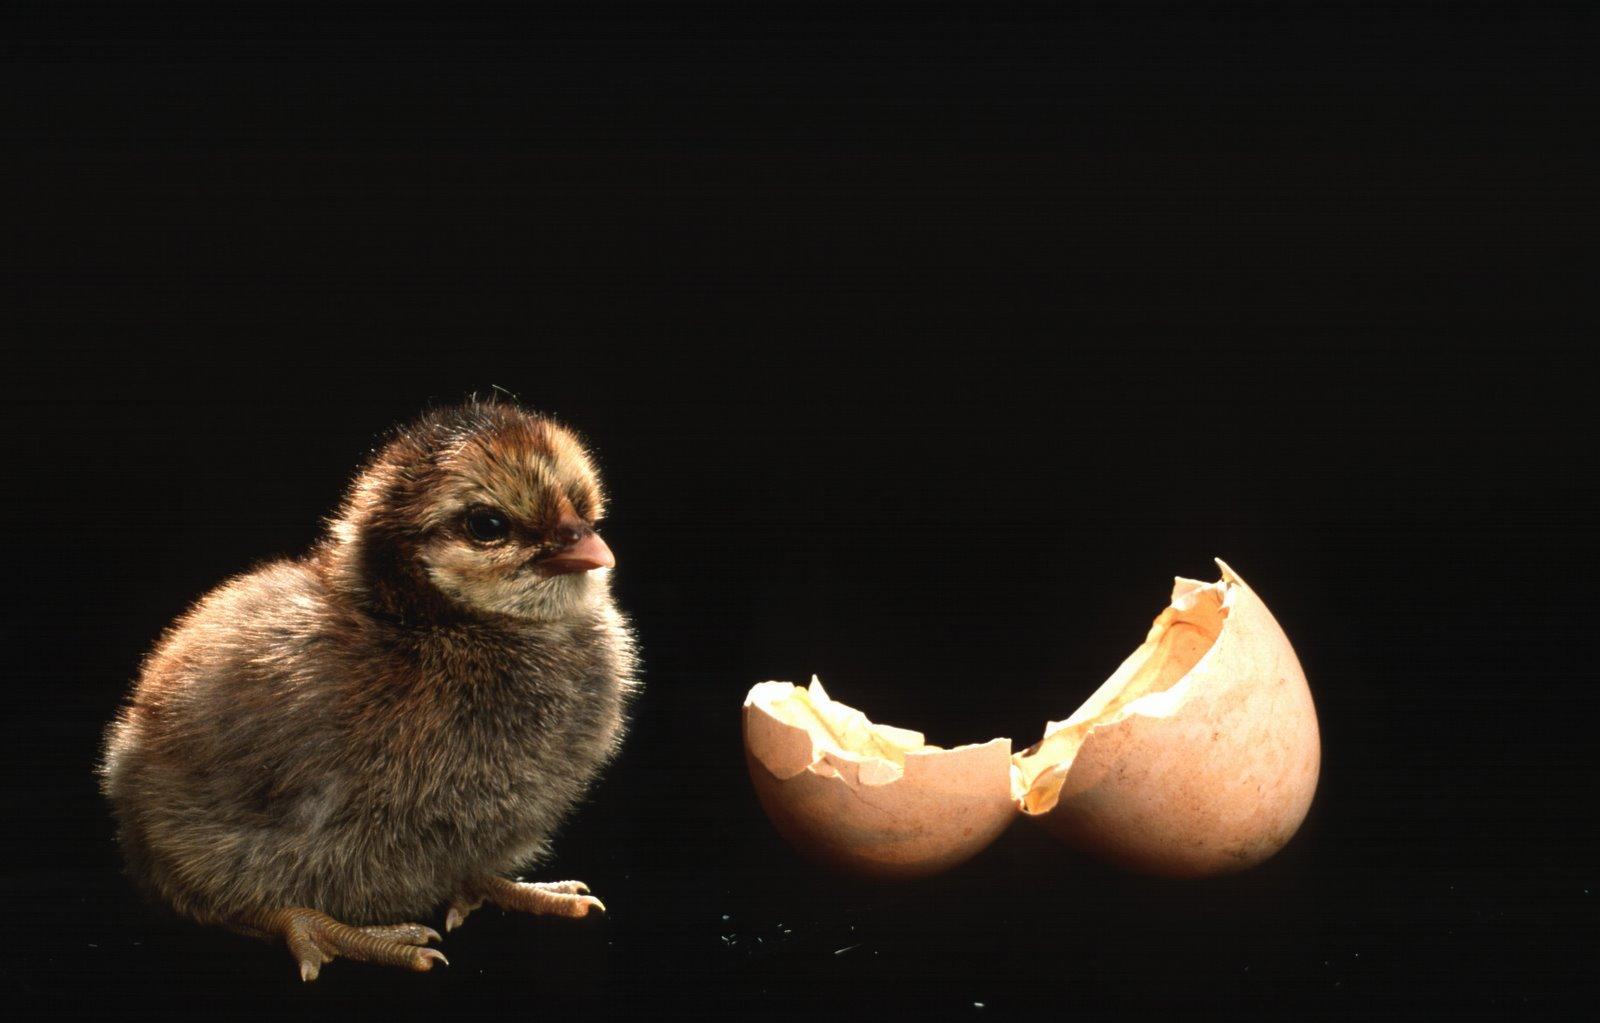 chick-stuckness